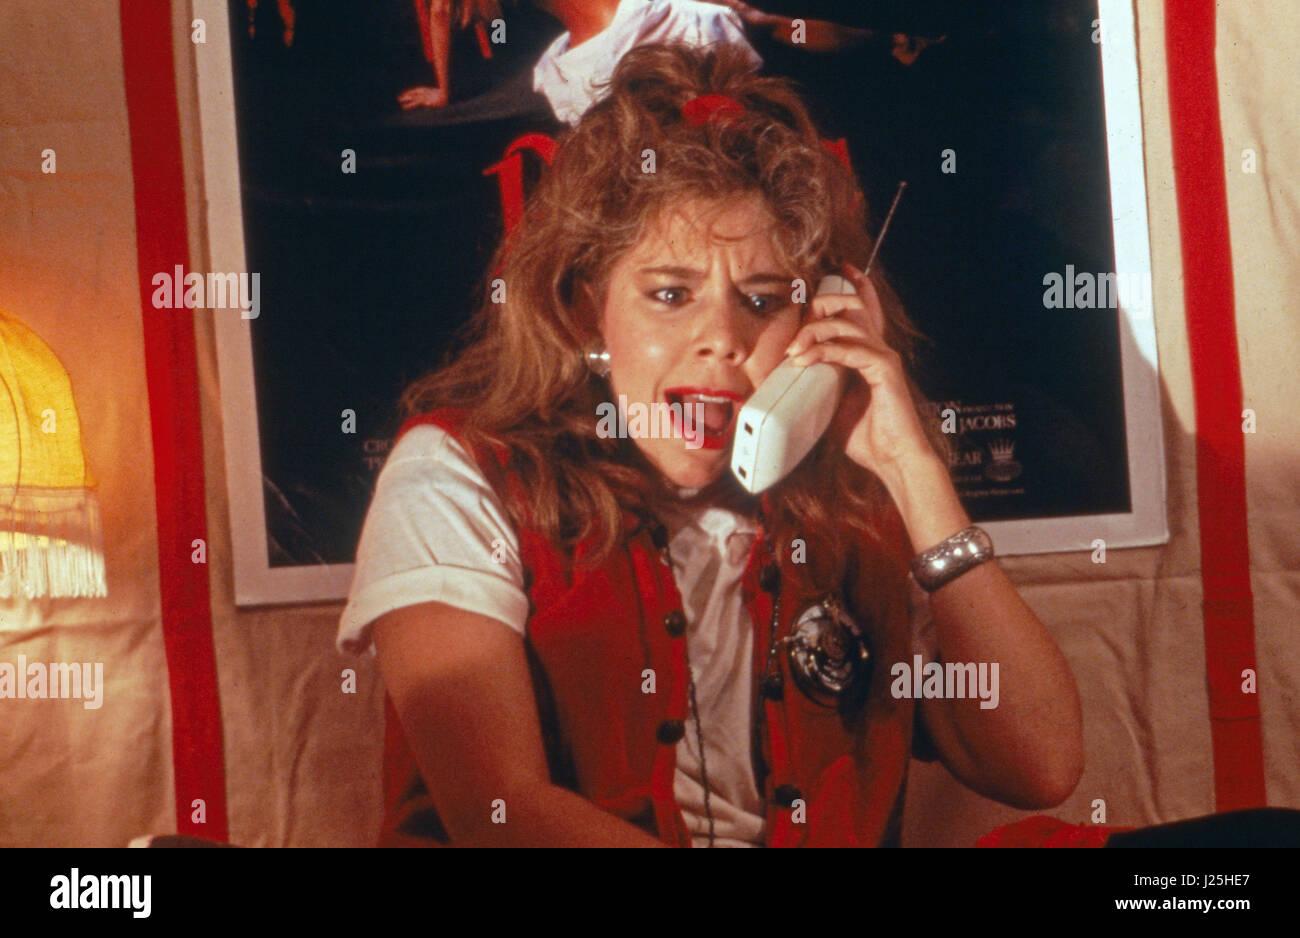 My Mom's A Werewolf, aka: Meine Mutter ist ein Werwolf, USA 1989, Regie: Michael Fischa, Darsteller: Diana Barrows - Stock Image